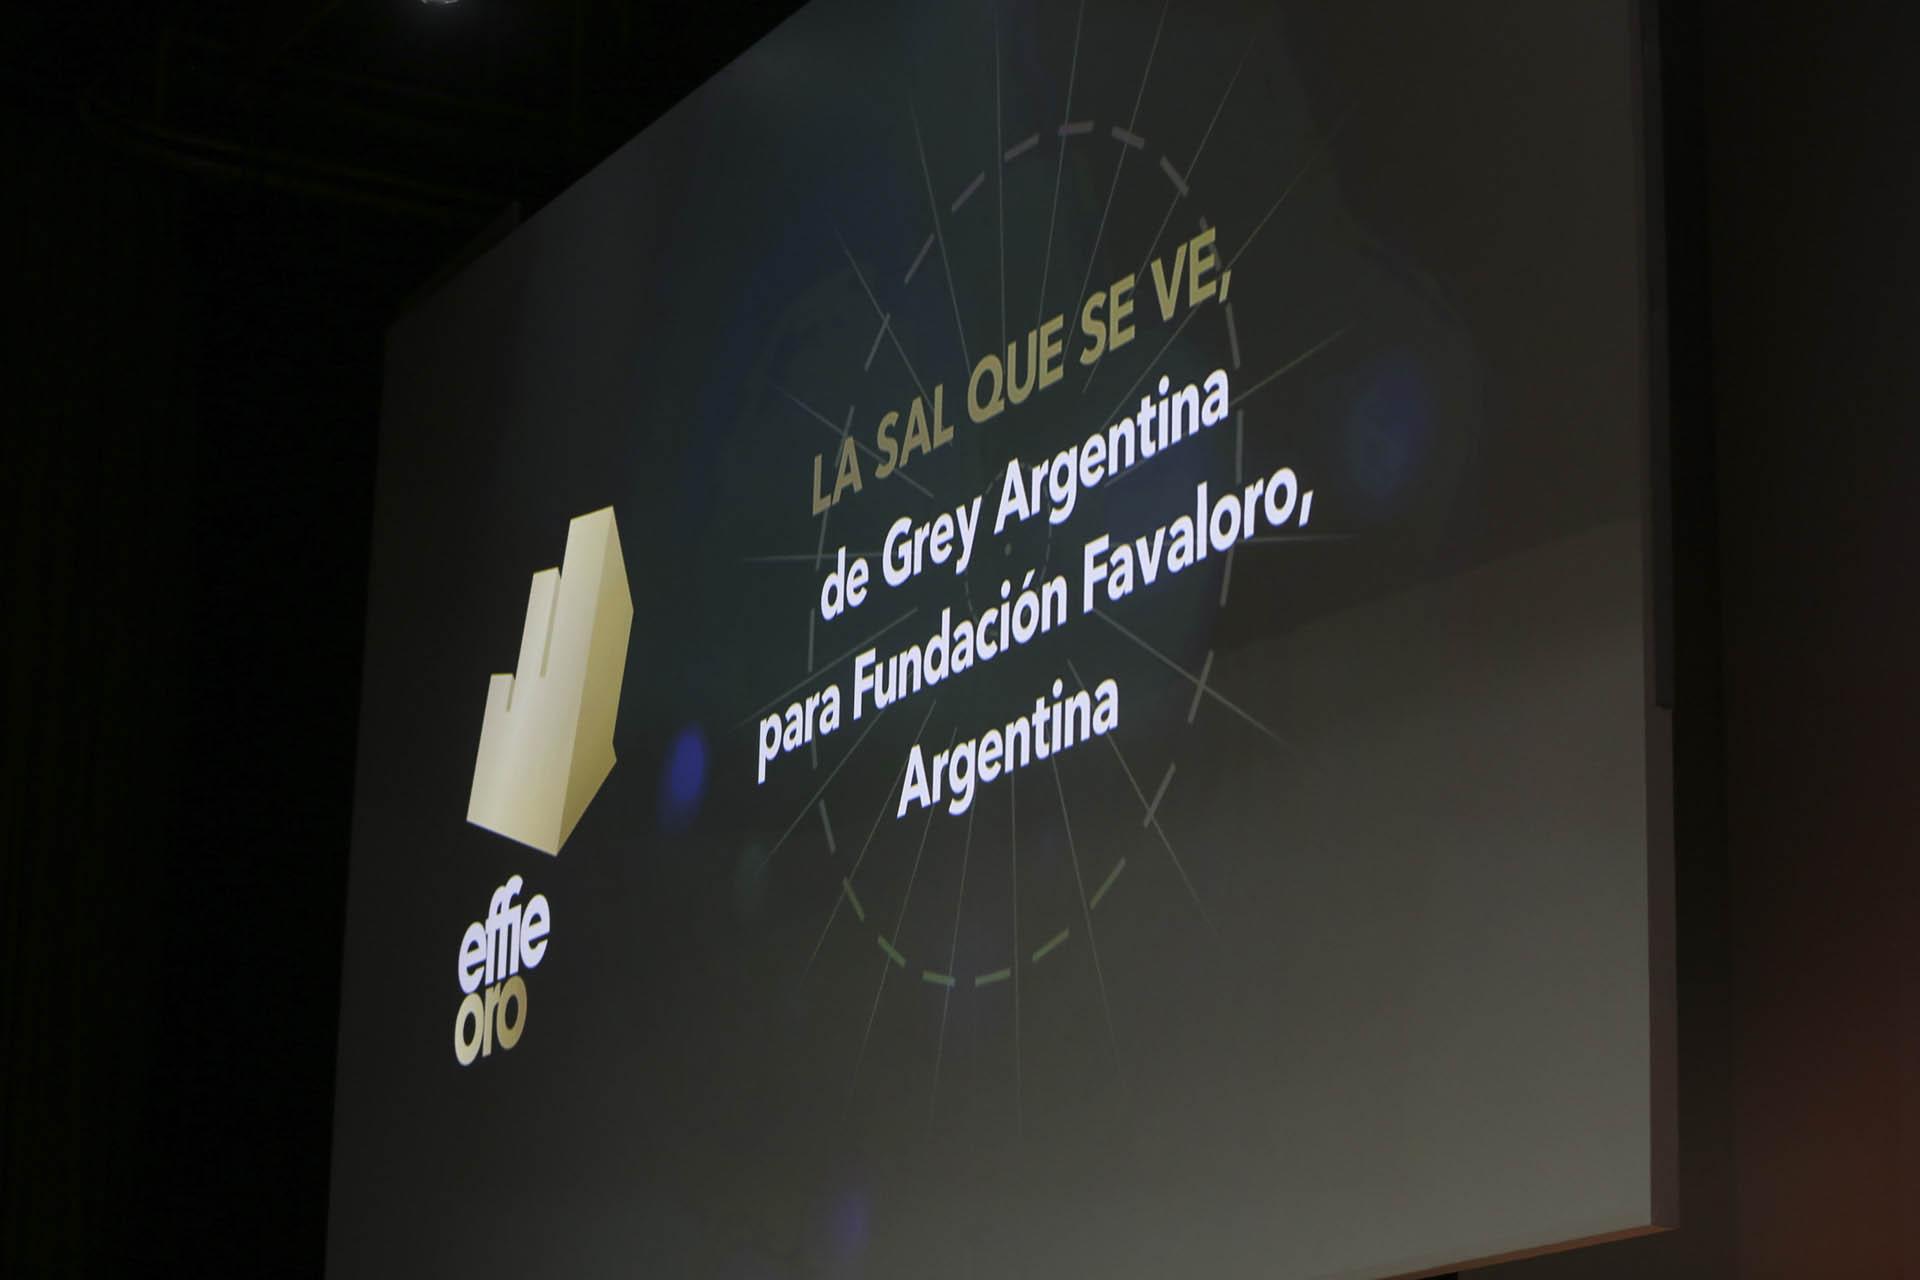 """Categoría """"Buenas Causas, entidades sin fines de lucro"""": La sal que se ve, de Grey Argentina para Fundación Favaloro"""